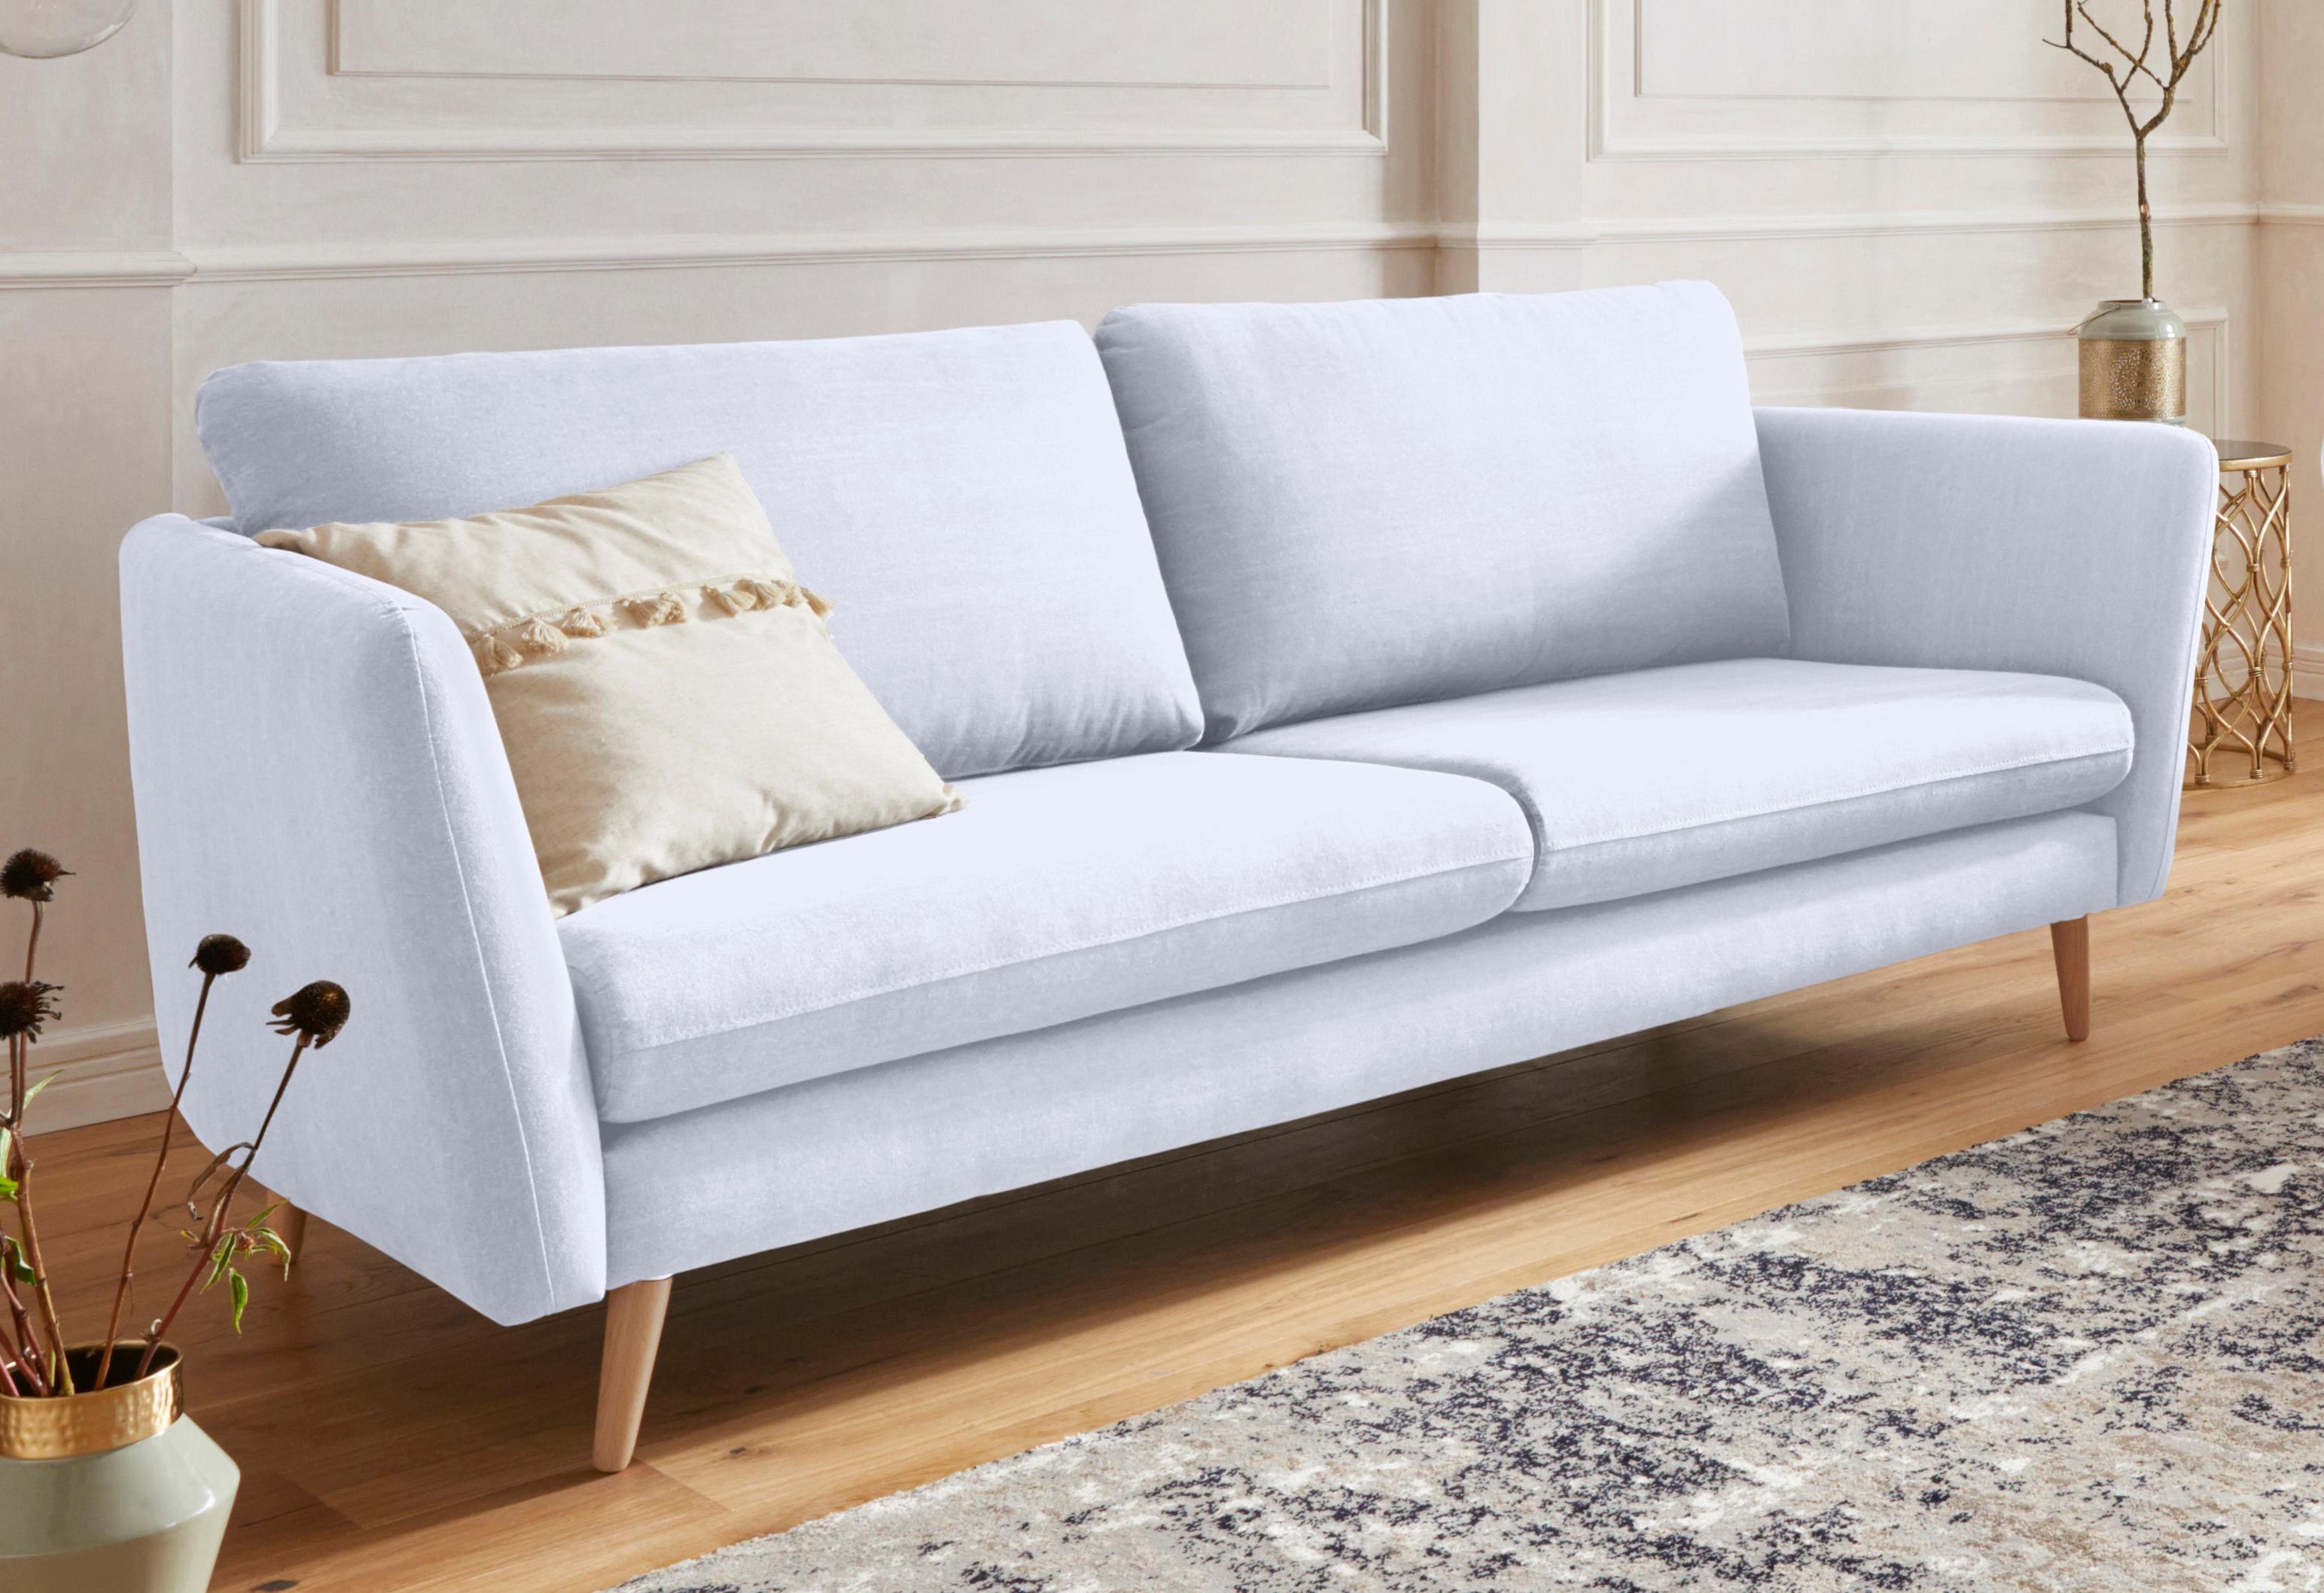 GMK Home & Living 3-Sitzer »Cergy« in skandinavischem Stil, mit Beinen aus Eiche